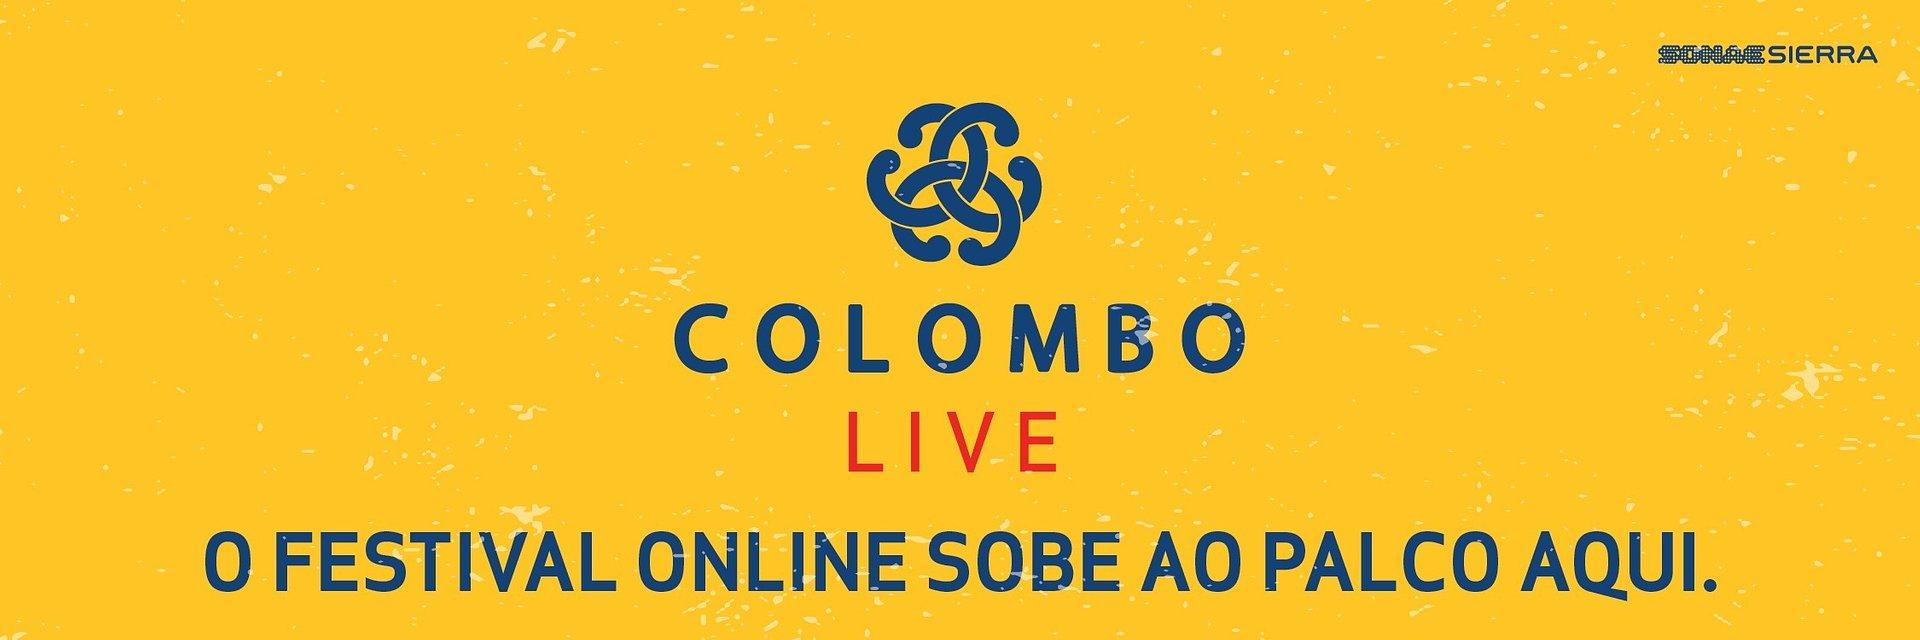 Festival online sobe ao palco de 14 centros comerciais geridos pela Sonae Sierra